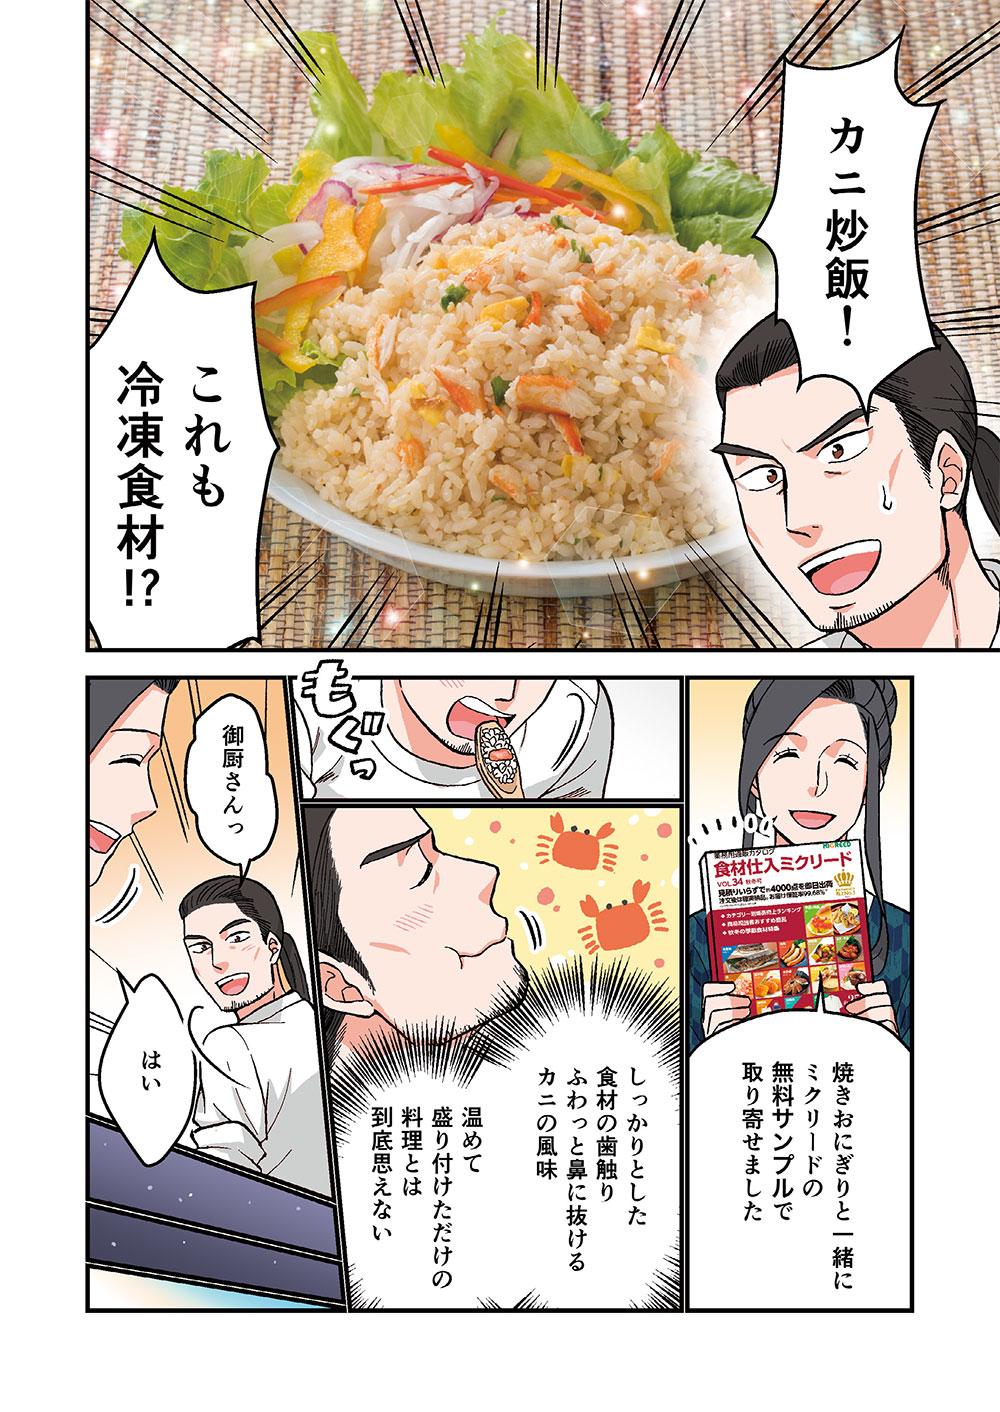 もう一品だされたご飯もの「カニ炒飯」これも盛り付けただけとは思えない美味しさ。